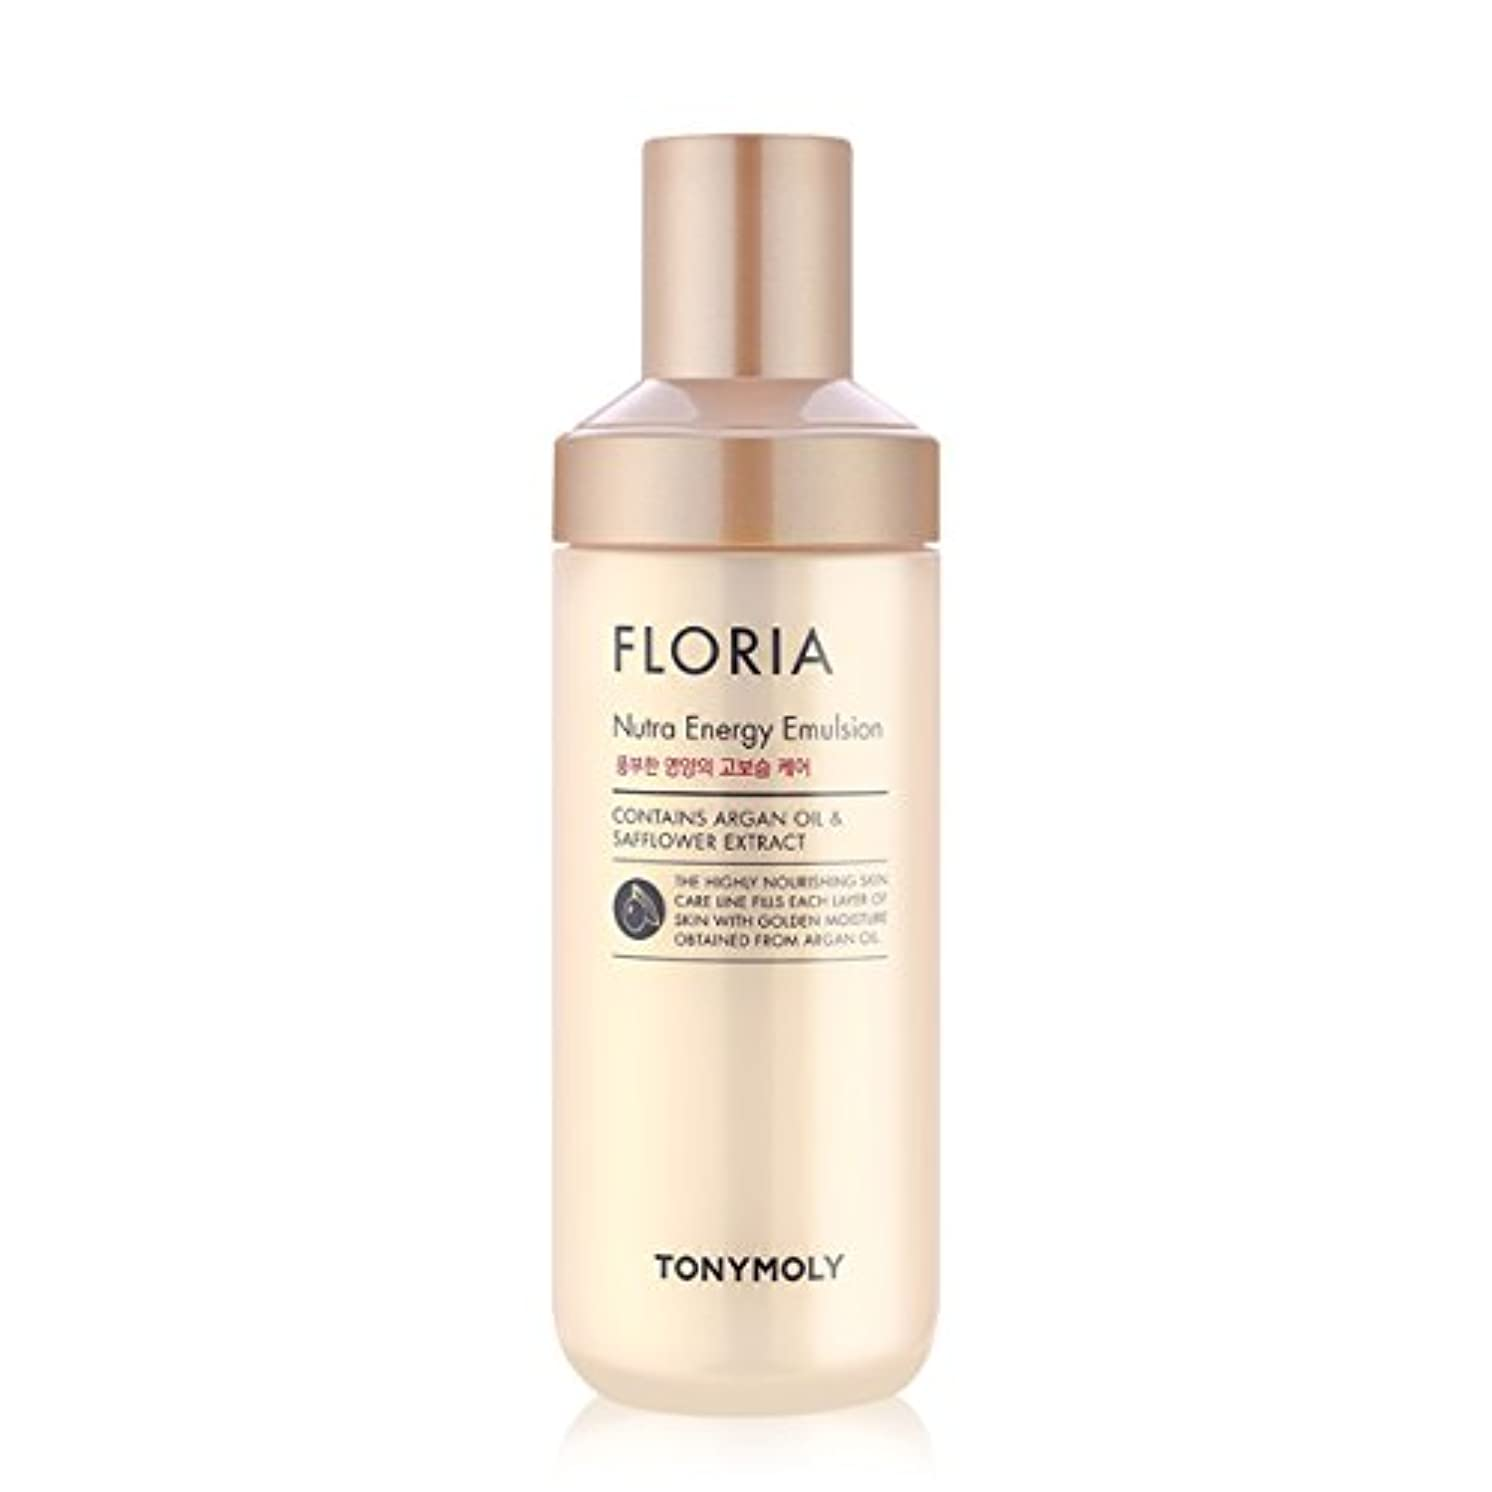 夜間失望させる欠点[2016 New] TONYMOLY Floria Nutra Energy Emulsion 160ml/トニーモリー フロリア ニュートラ エナジー エマルジョン 160ml [並行輸入品]